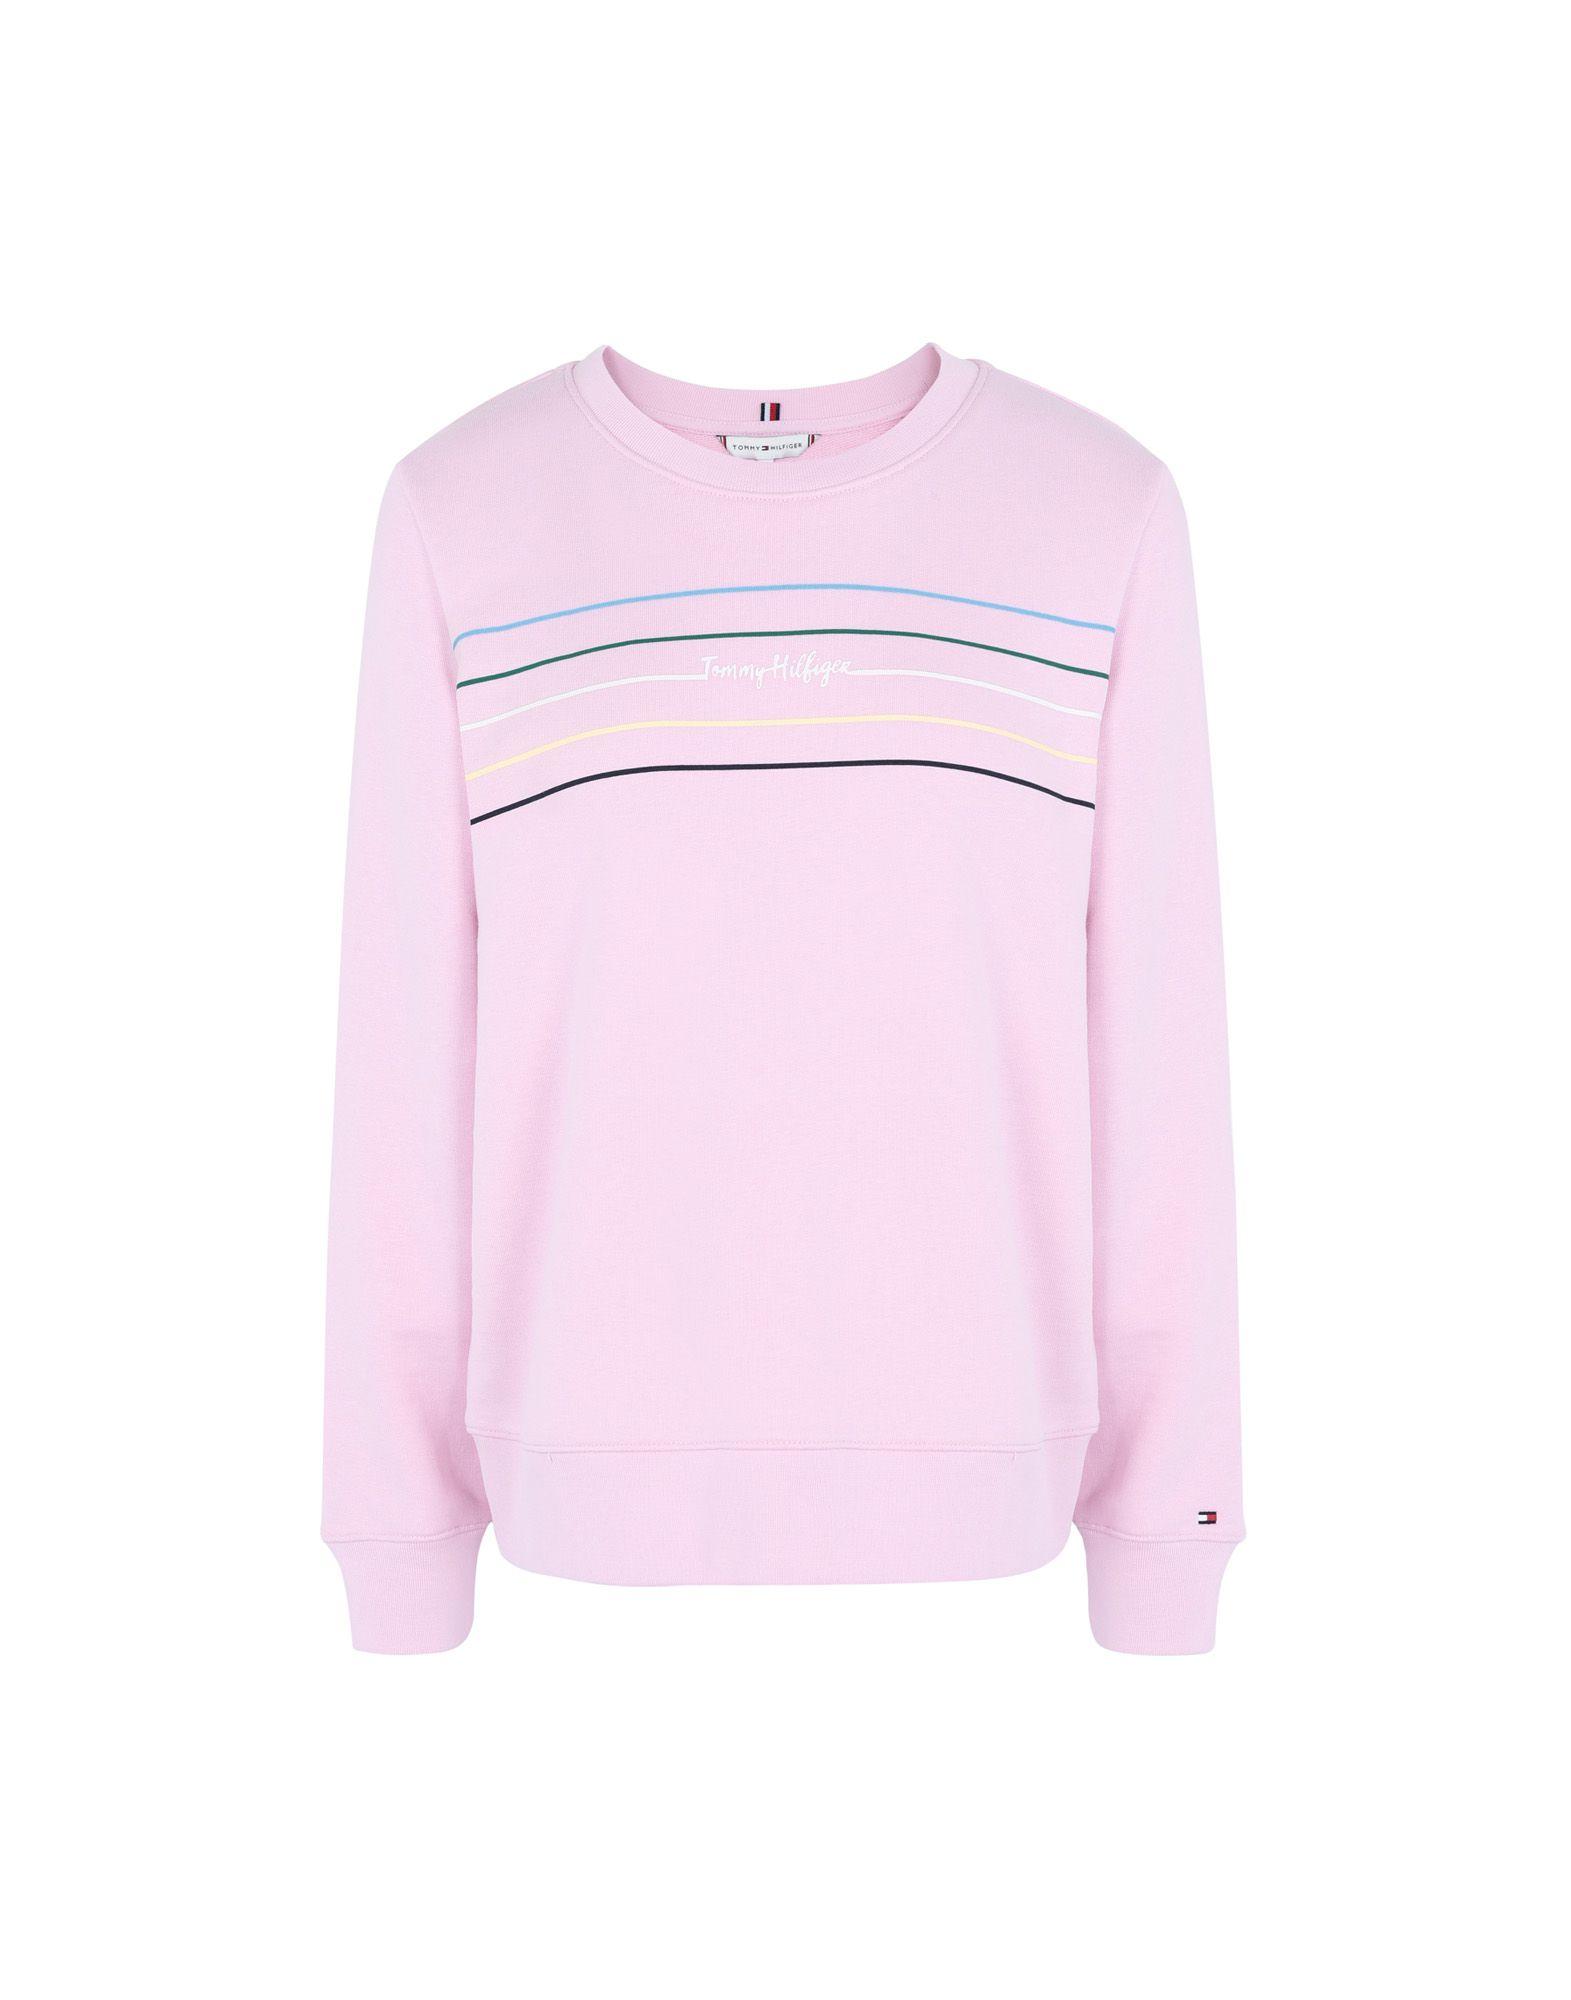 Tommy Hilfiger Louisa C-nk Sweatshirt LS Camisa Manga Larga para Mujer